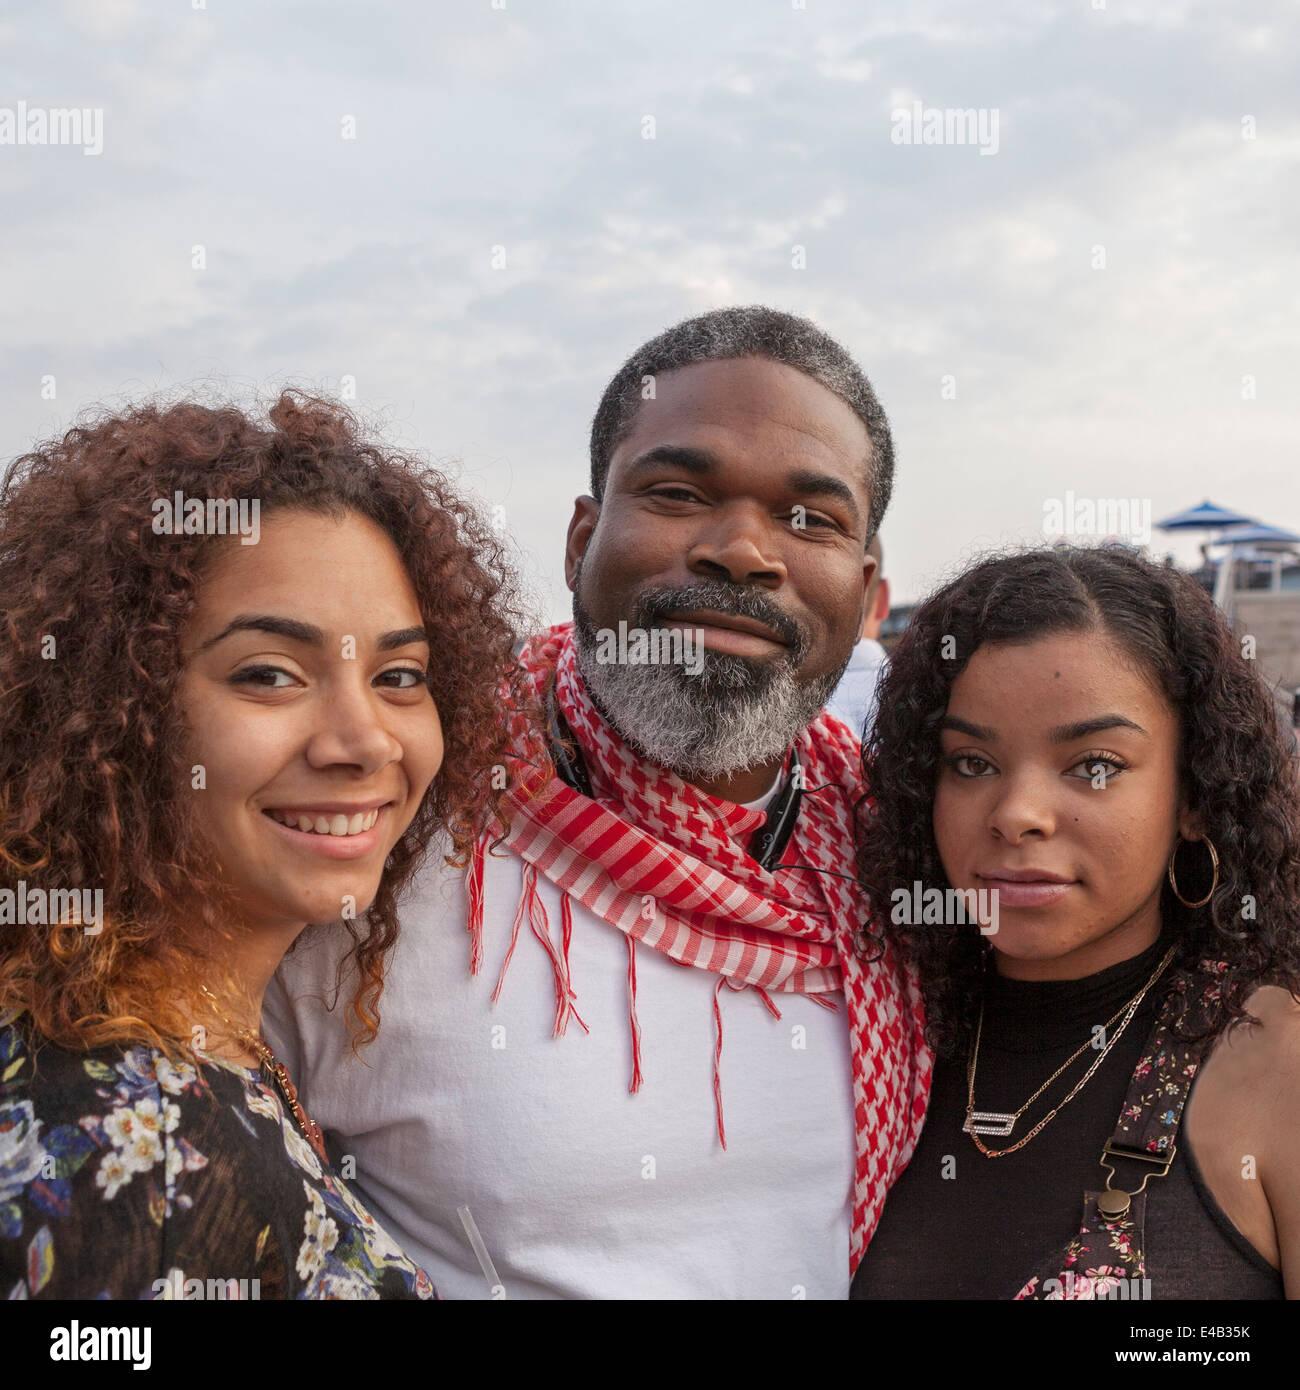 Ein Vater steht mit seinen beiden Töchtern beim Sommerfest, ein jährliches Musikfestival in Milwaukee, Stockbild